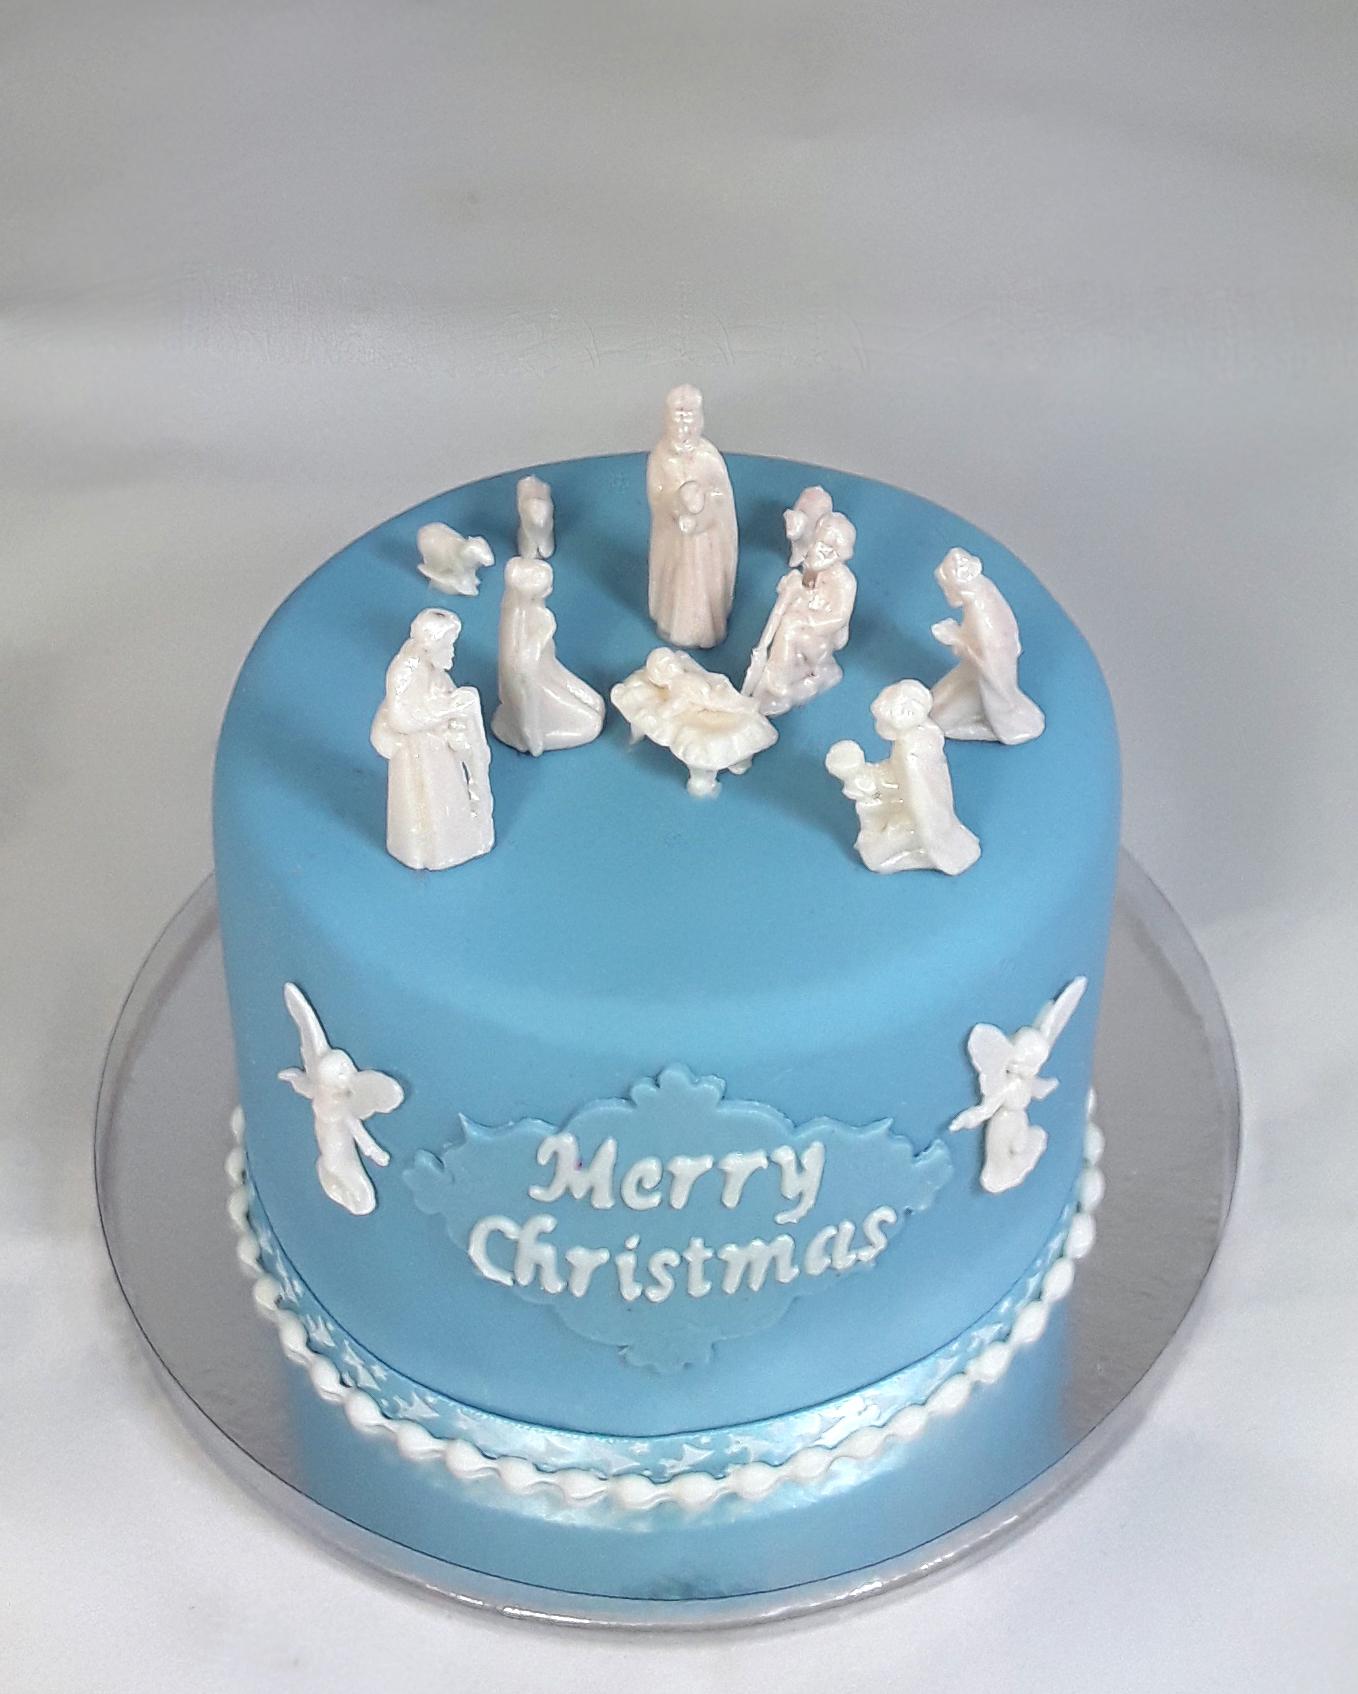 Nativity scene in blue